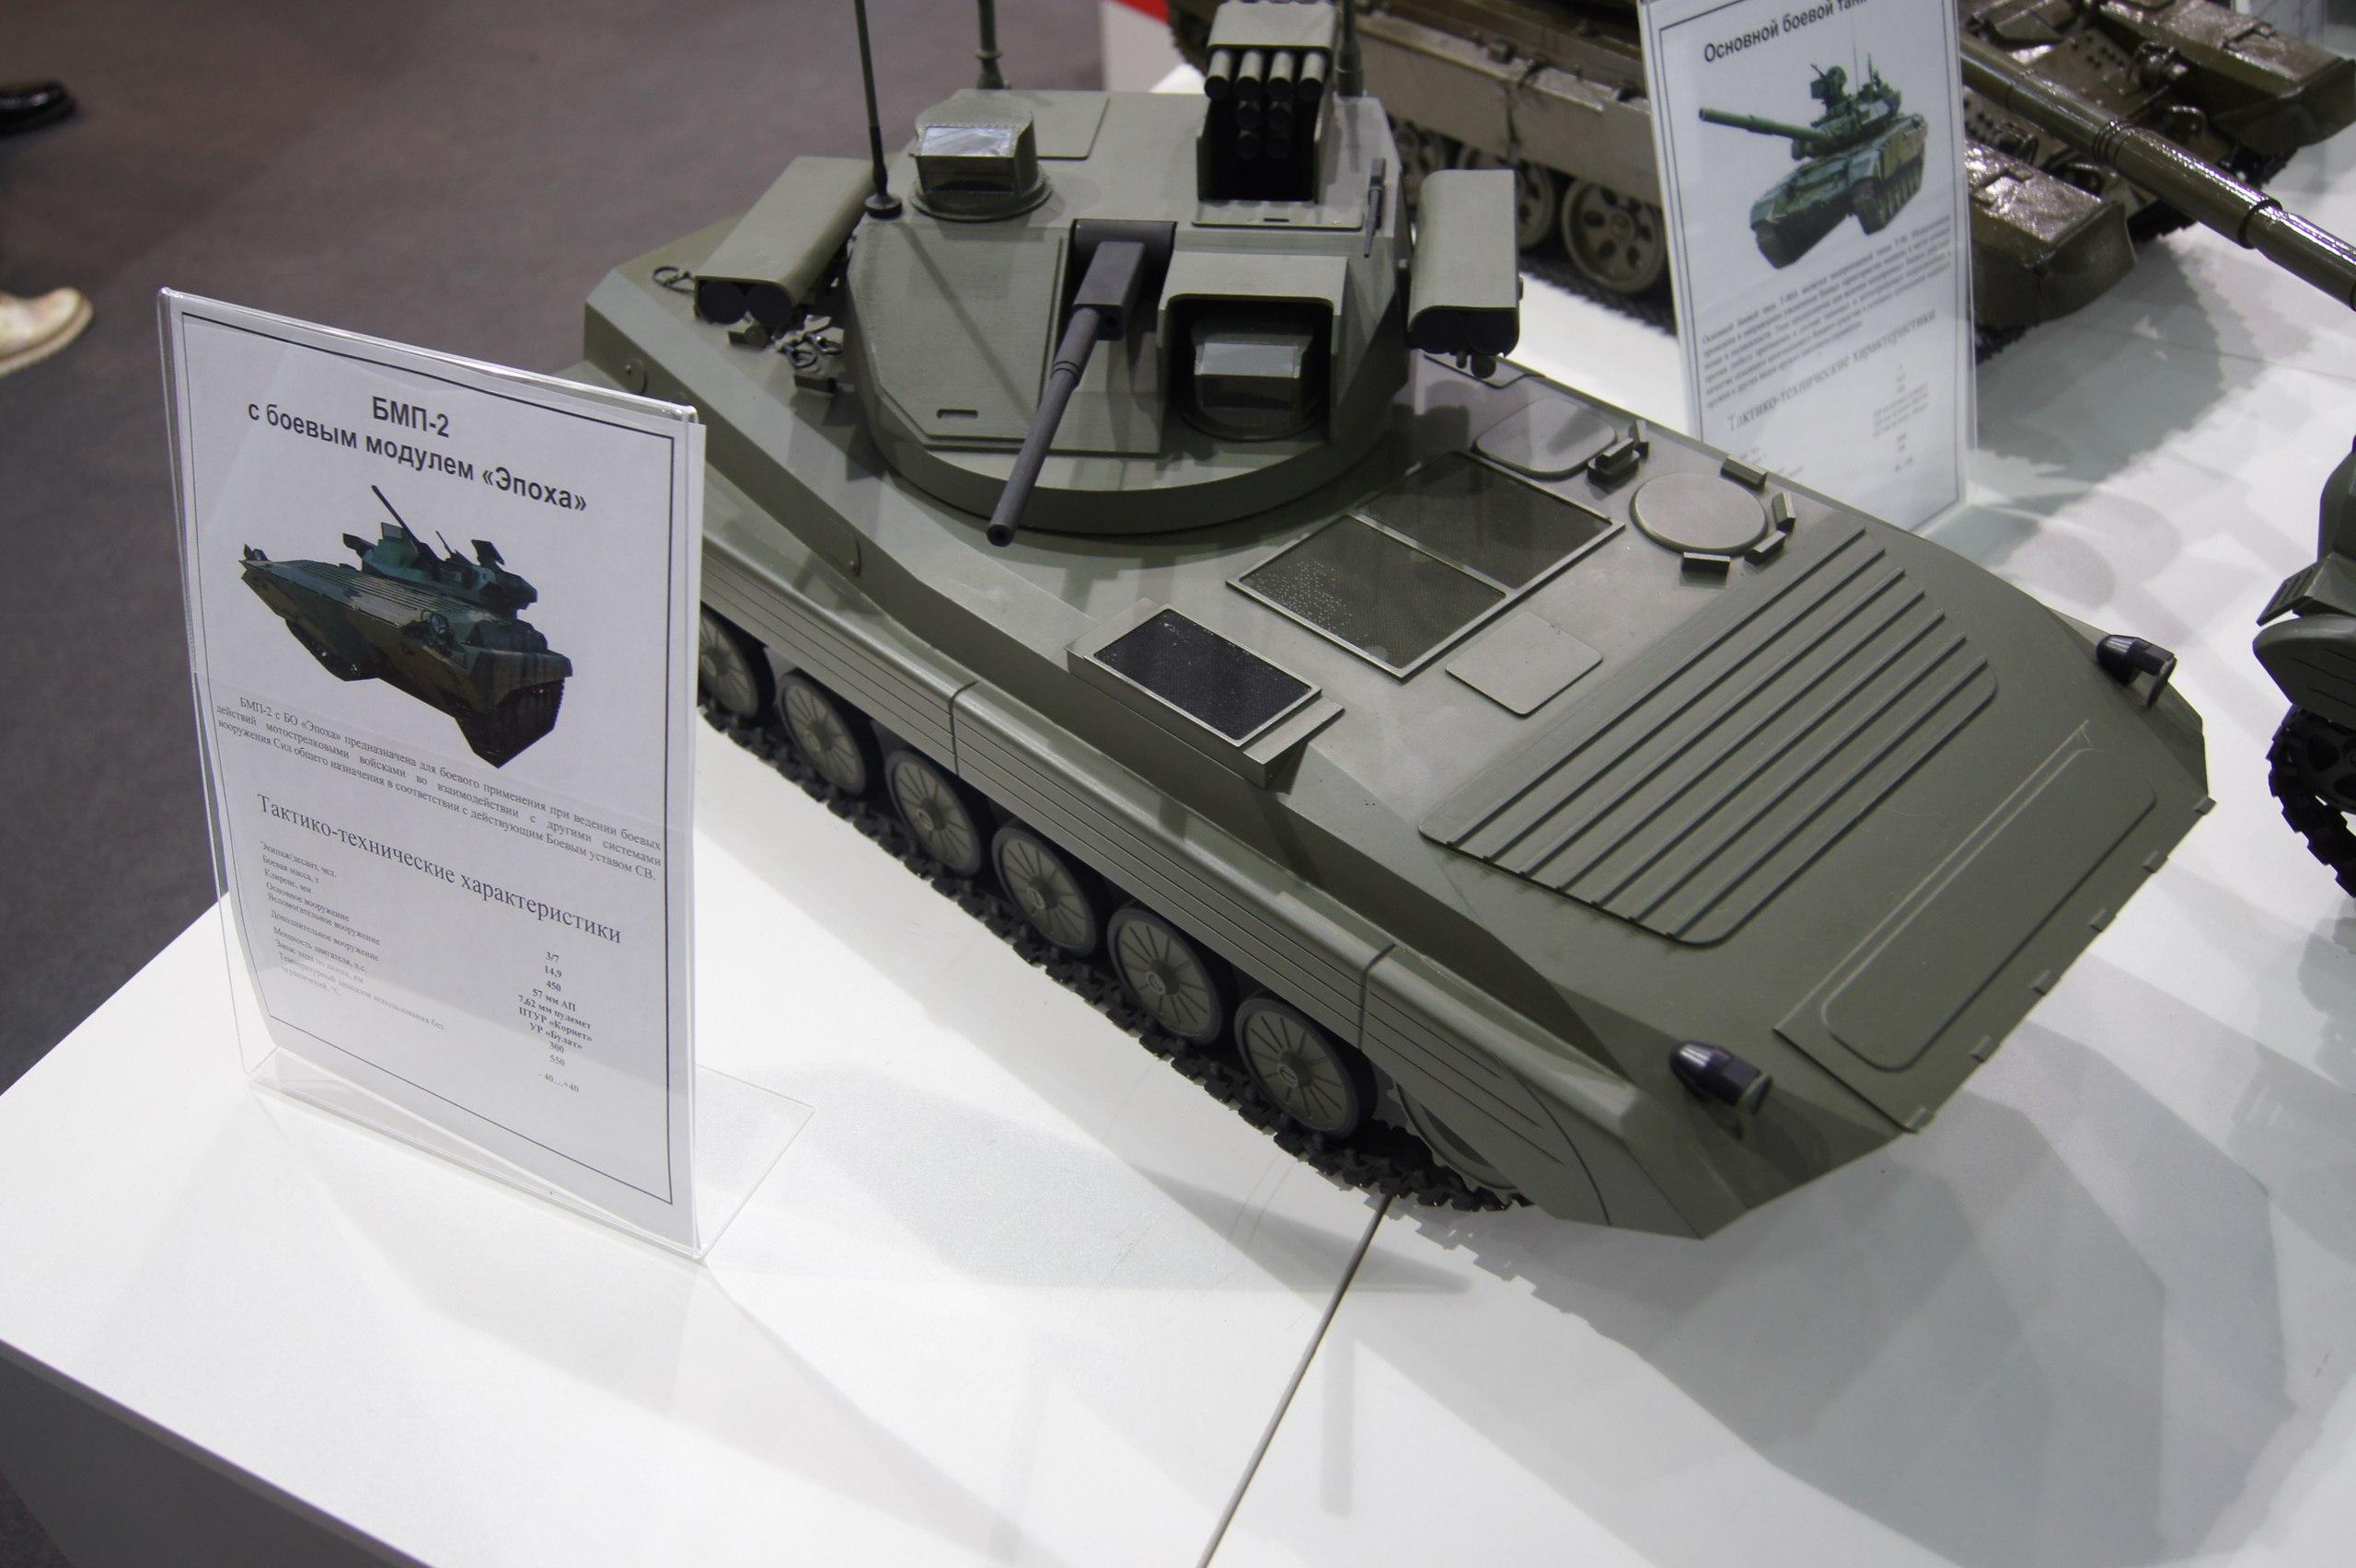 Armija-Nemzetközi haditechnikai fórum és kiállítás - Page 3 RtrB_gCZeYk